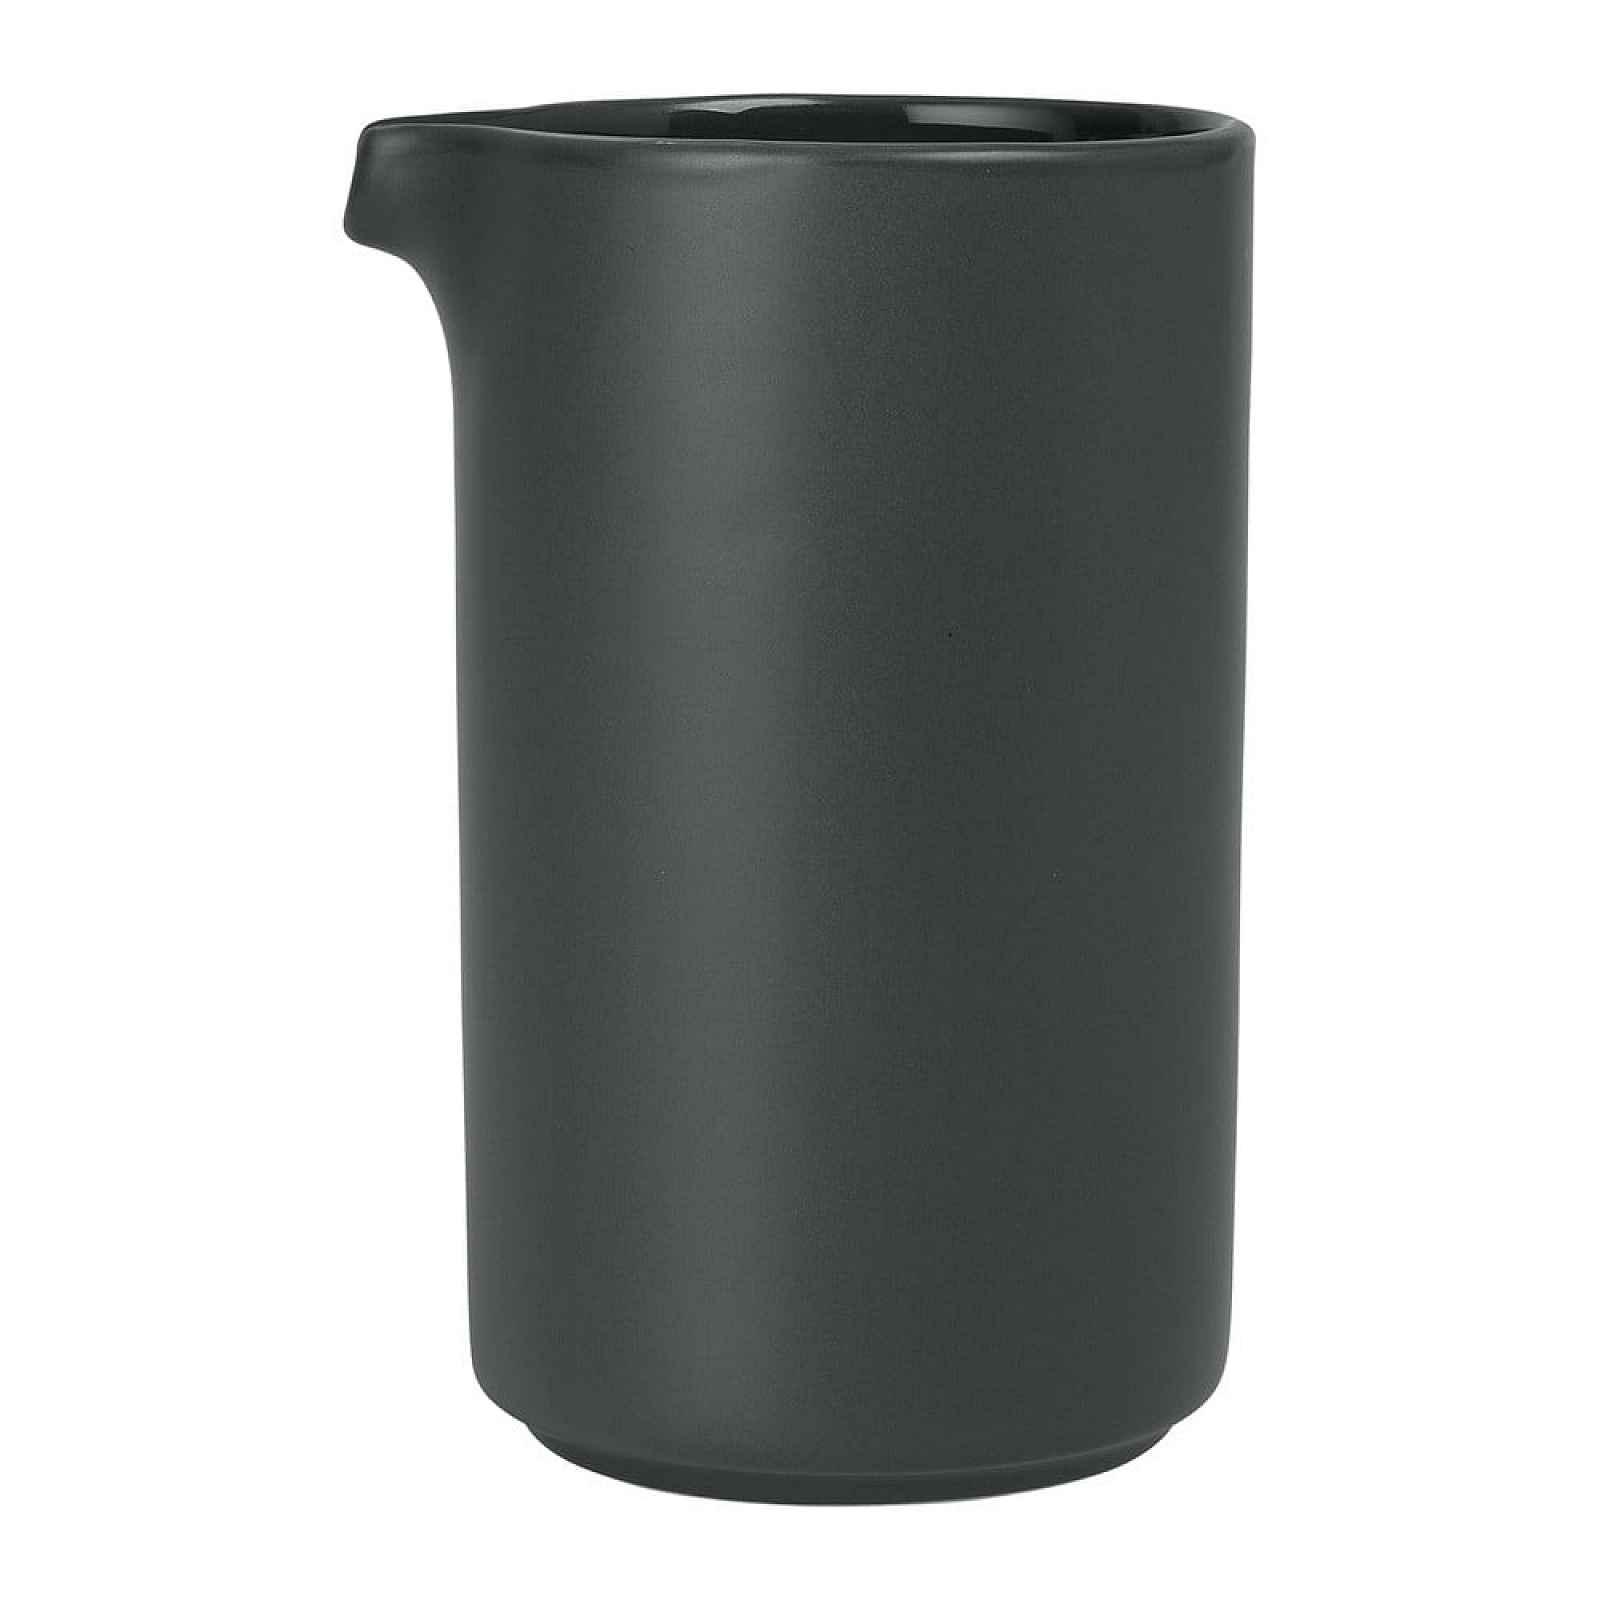 Černý keramický džbánek Blomus Pilar,500ml